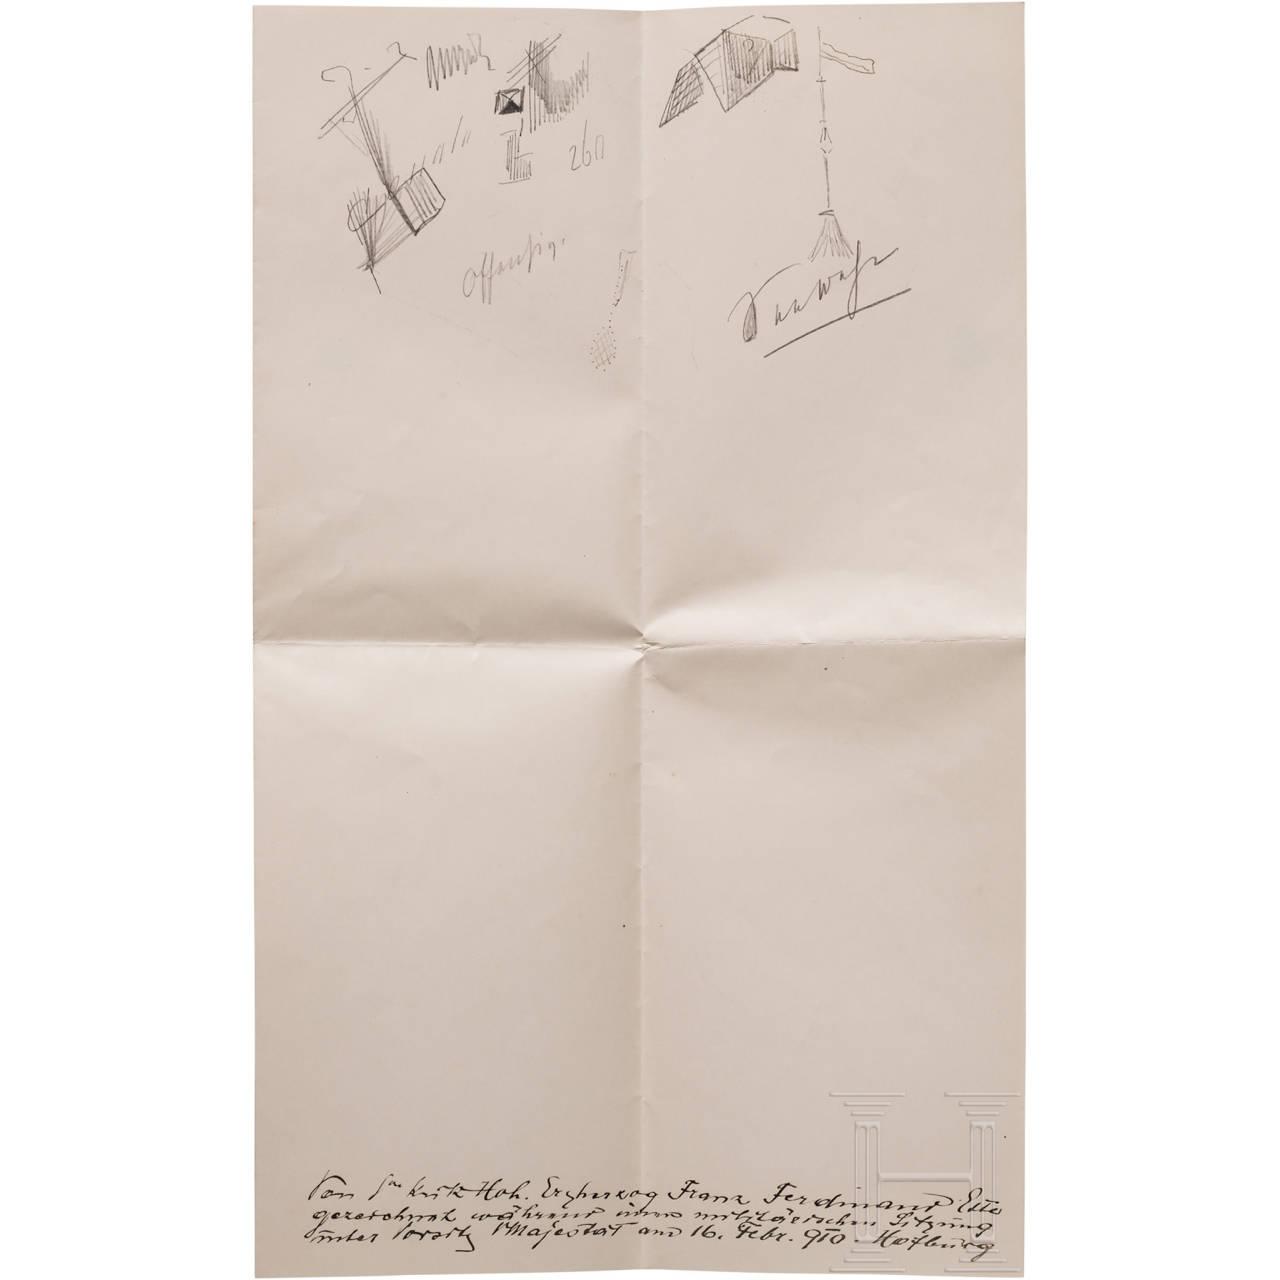 Erzherzog Franz Feridnand von Österreich-Este - eigenhändige Bleistiftskizzen während einer Militärsitzung am 16.2.1910